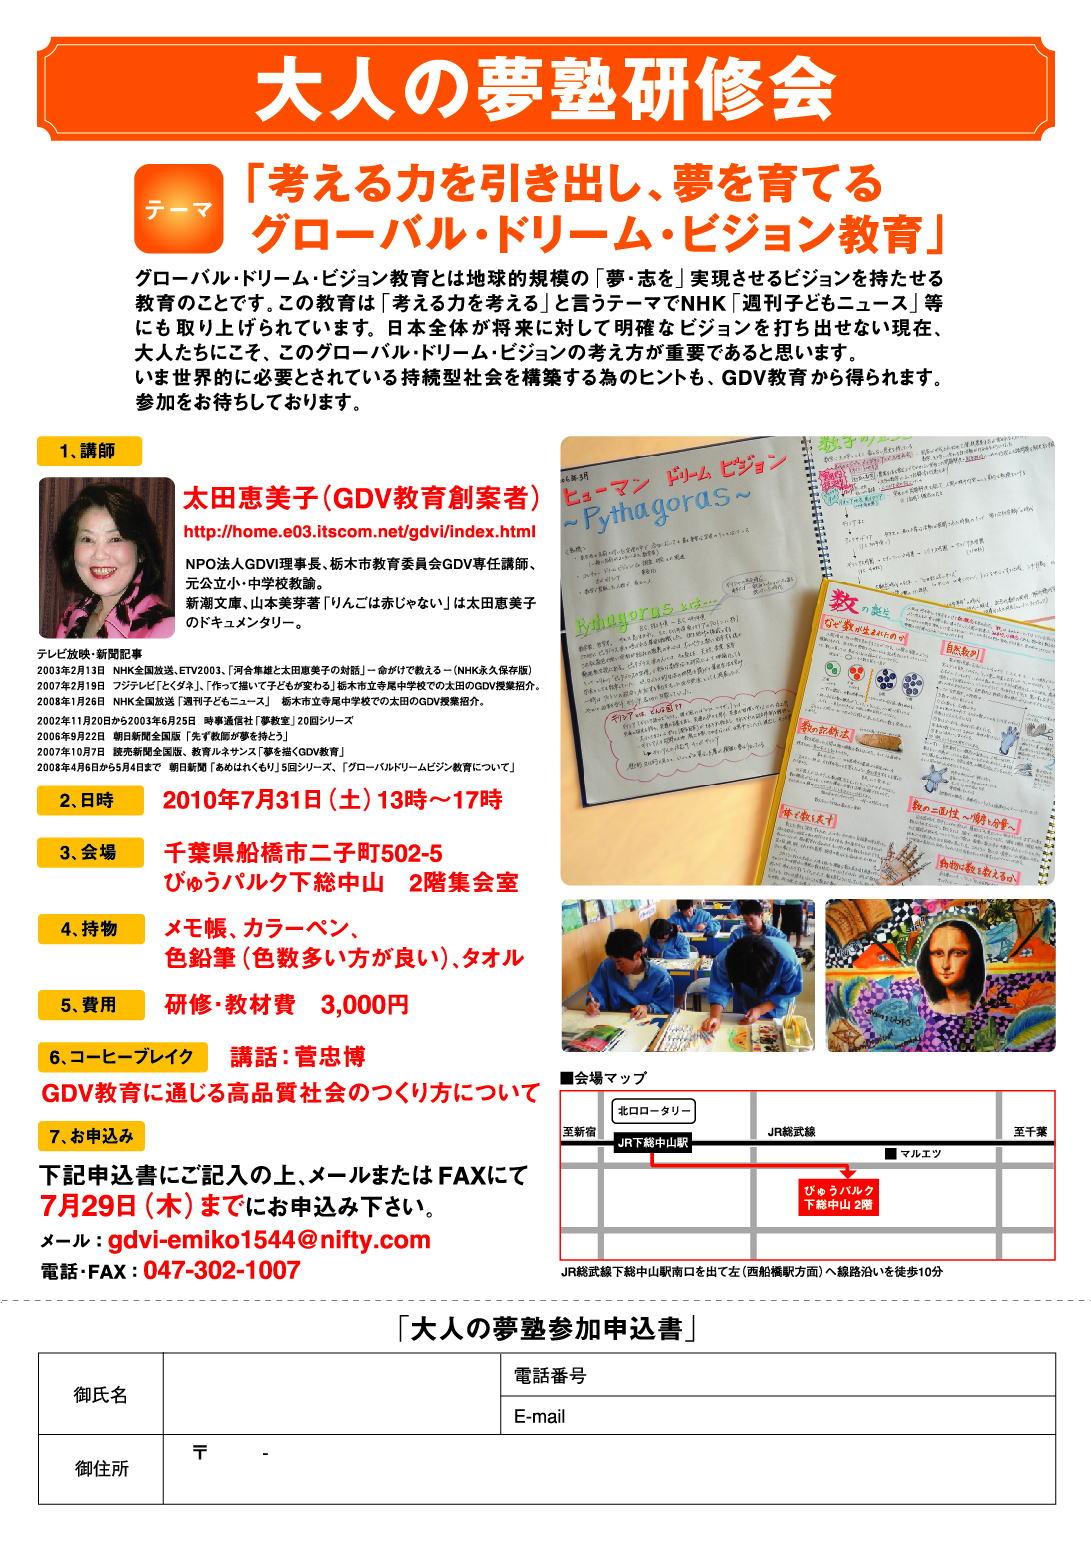 7月31日 太田恵美子さんからGDV教育のお知らせ_b0068572_21273580.jpg